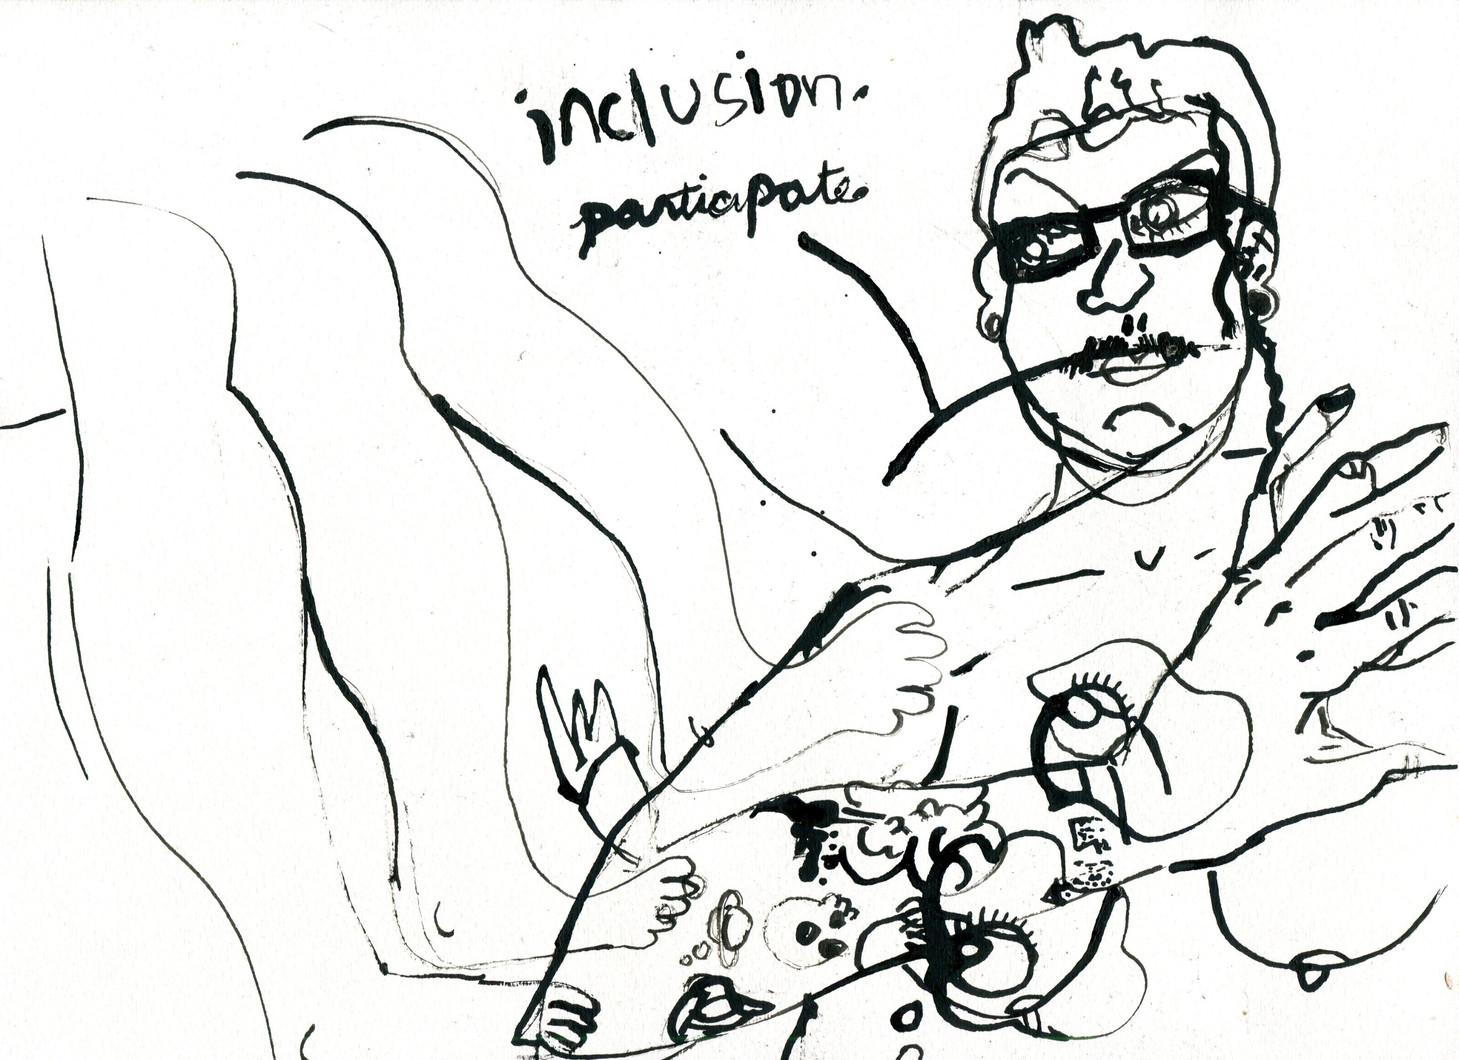 Inclusion. Participate